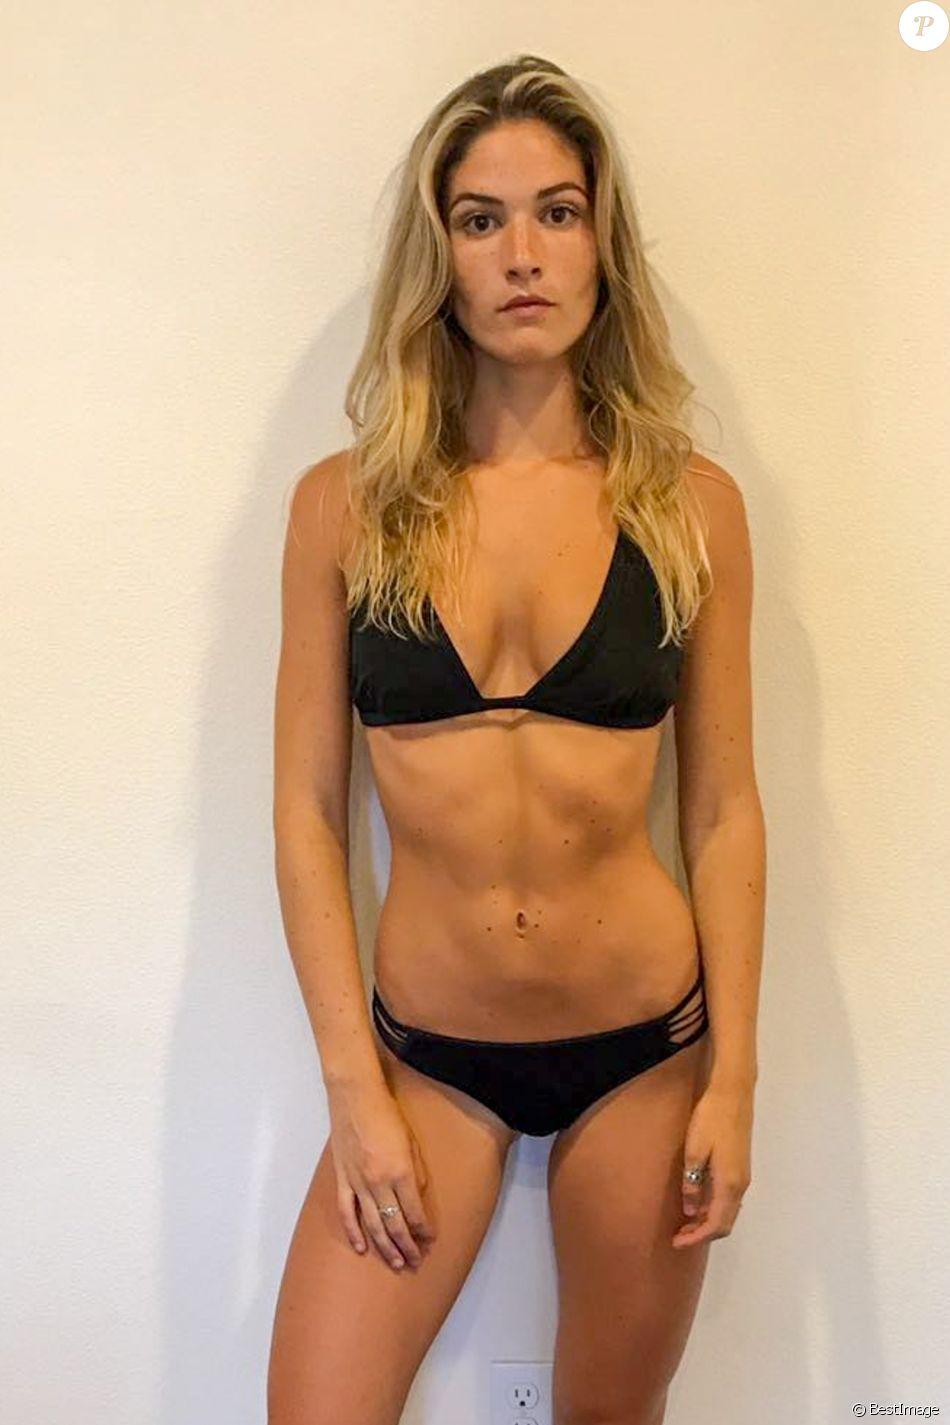 Malibu 2018 >> Archives - Exclusif - Shauna Sexton, un jeune mannequin sexy, a dîné avec Ben Affleck le soir de ...